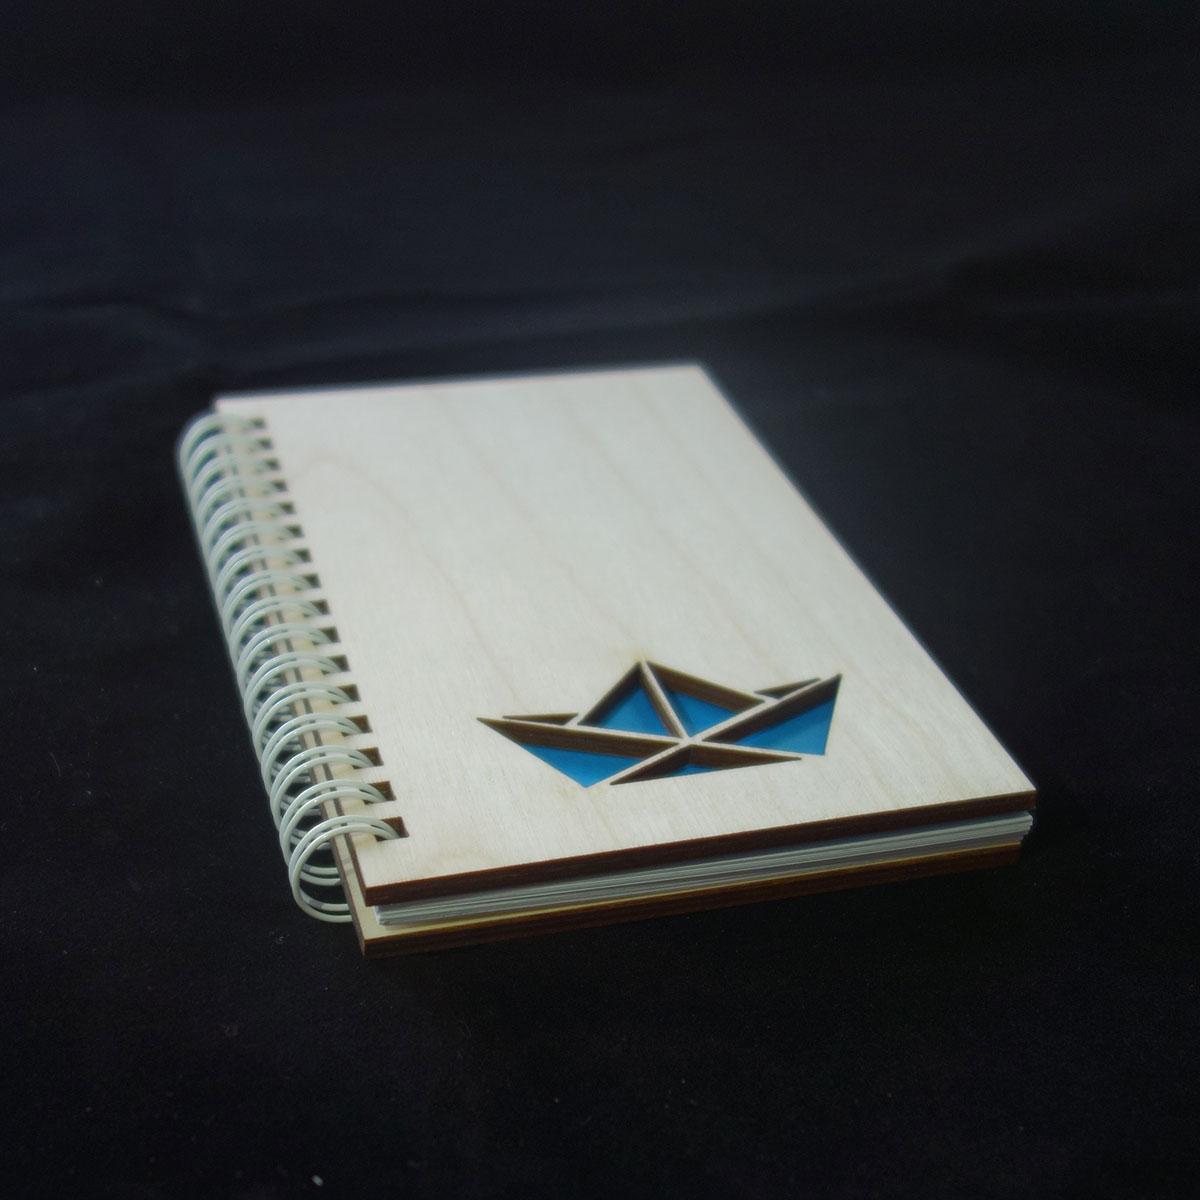 Μπλοκ σημειώσεων με ξύλινο εξώφυλλο από σημύδα